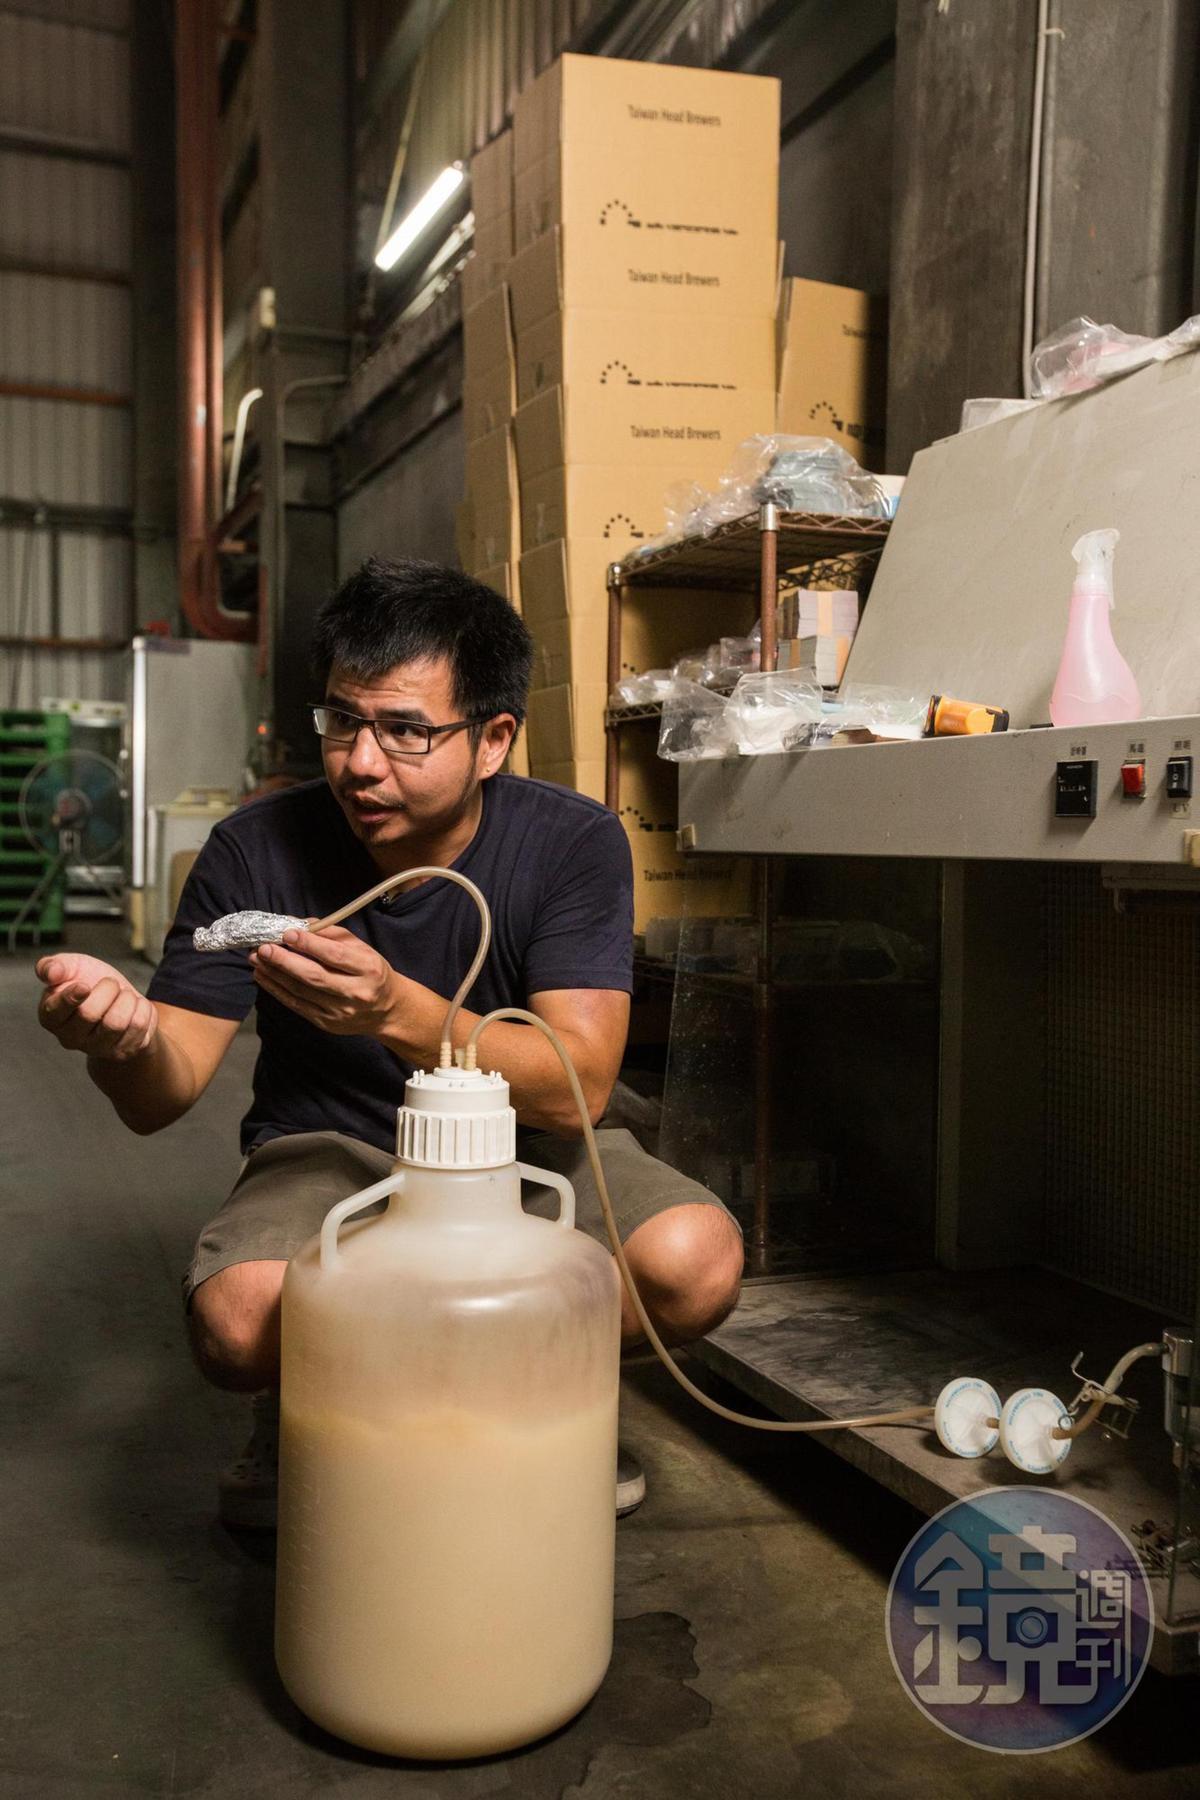 酵母會將醣化後的麥汁轉化為酒精。